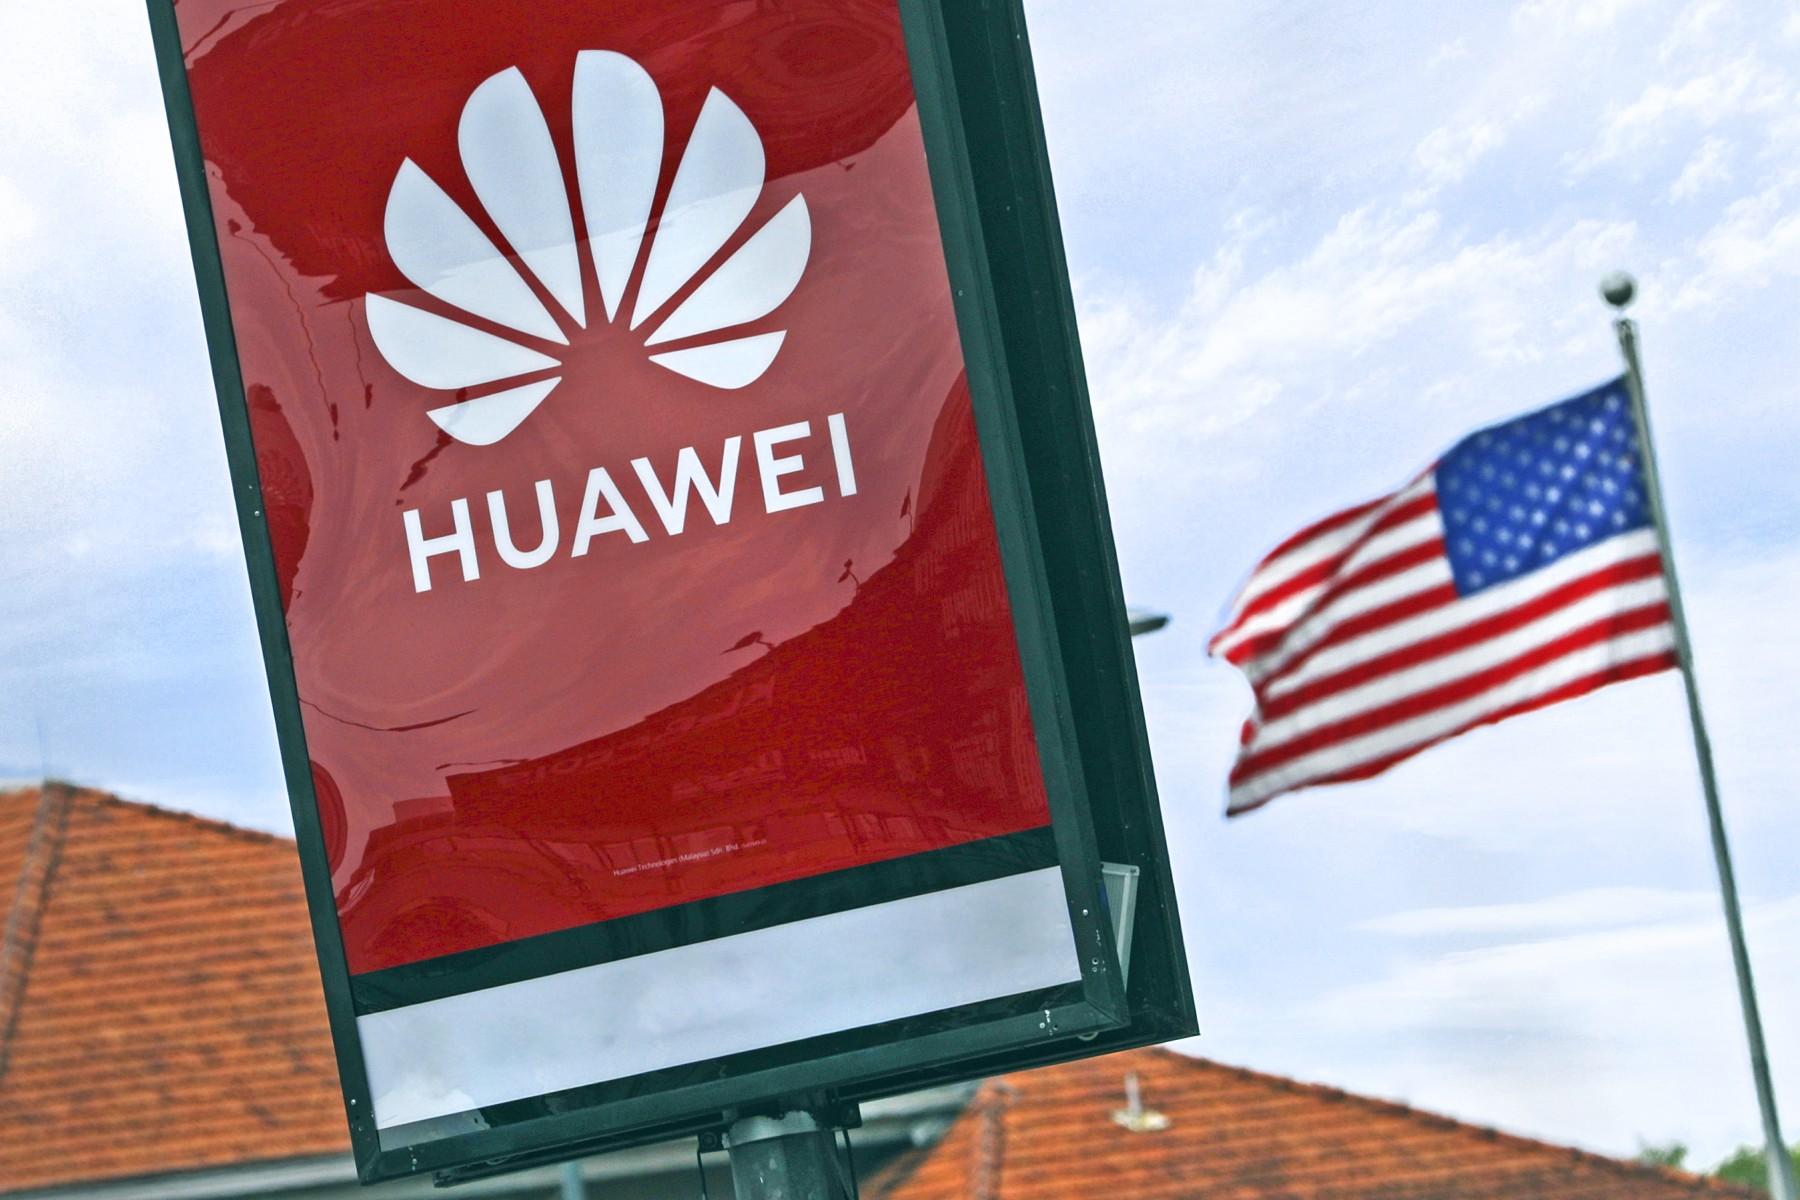 Οι σχέσεις ΗΠΑ-Κίνας και στη μέση… η Huawei